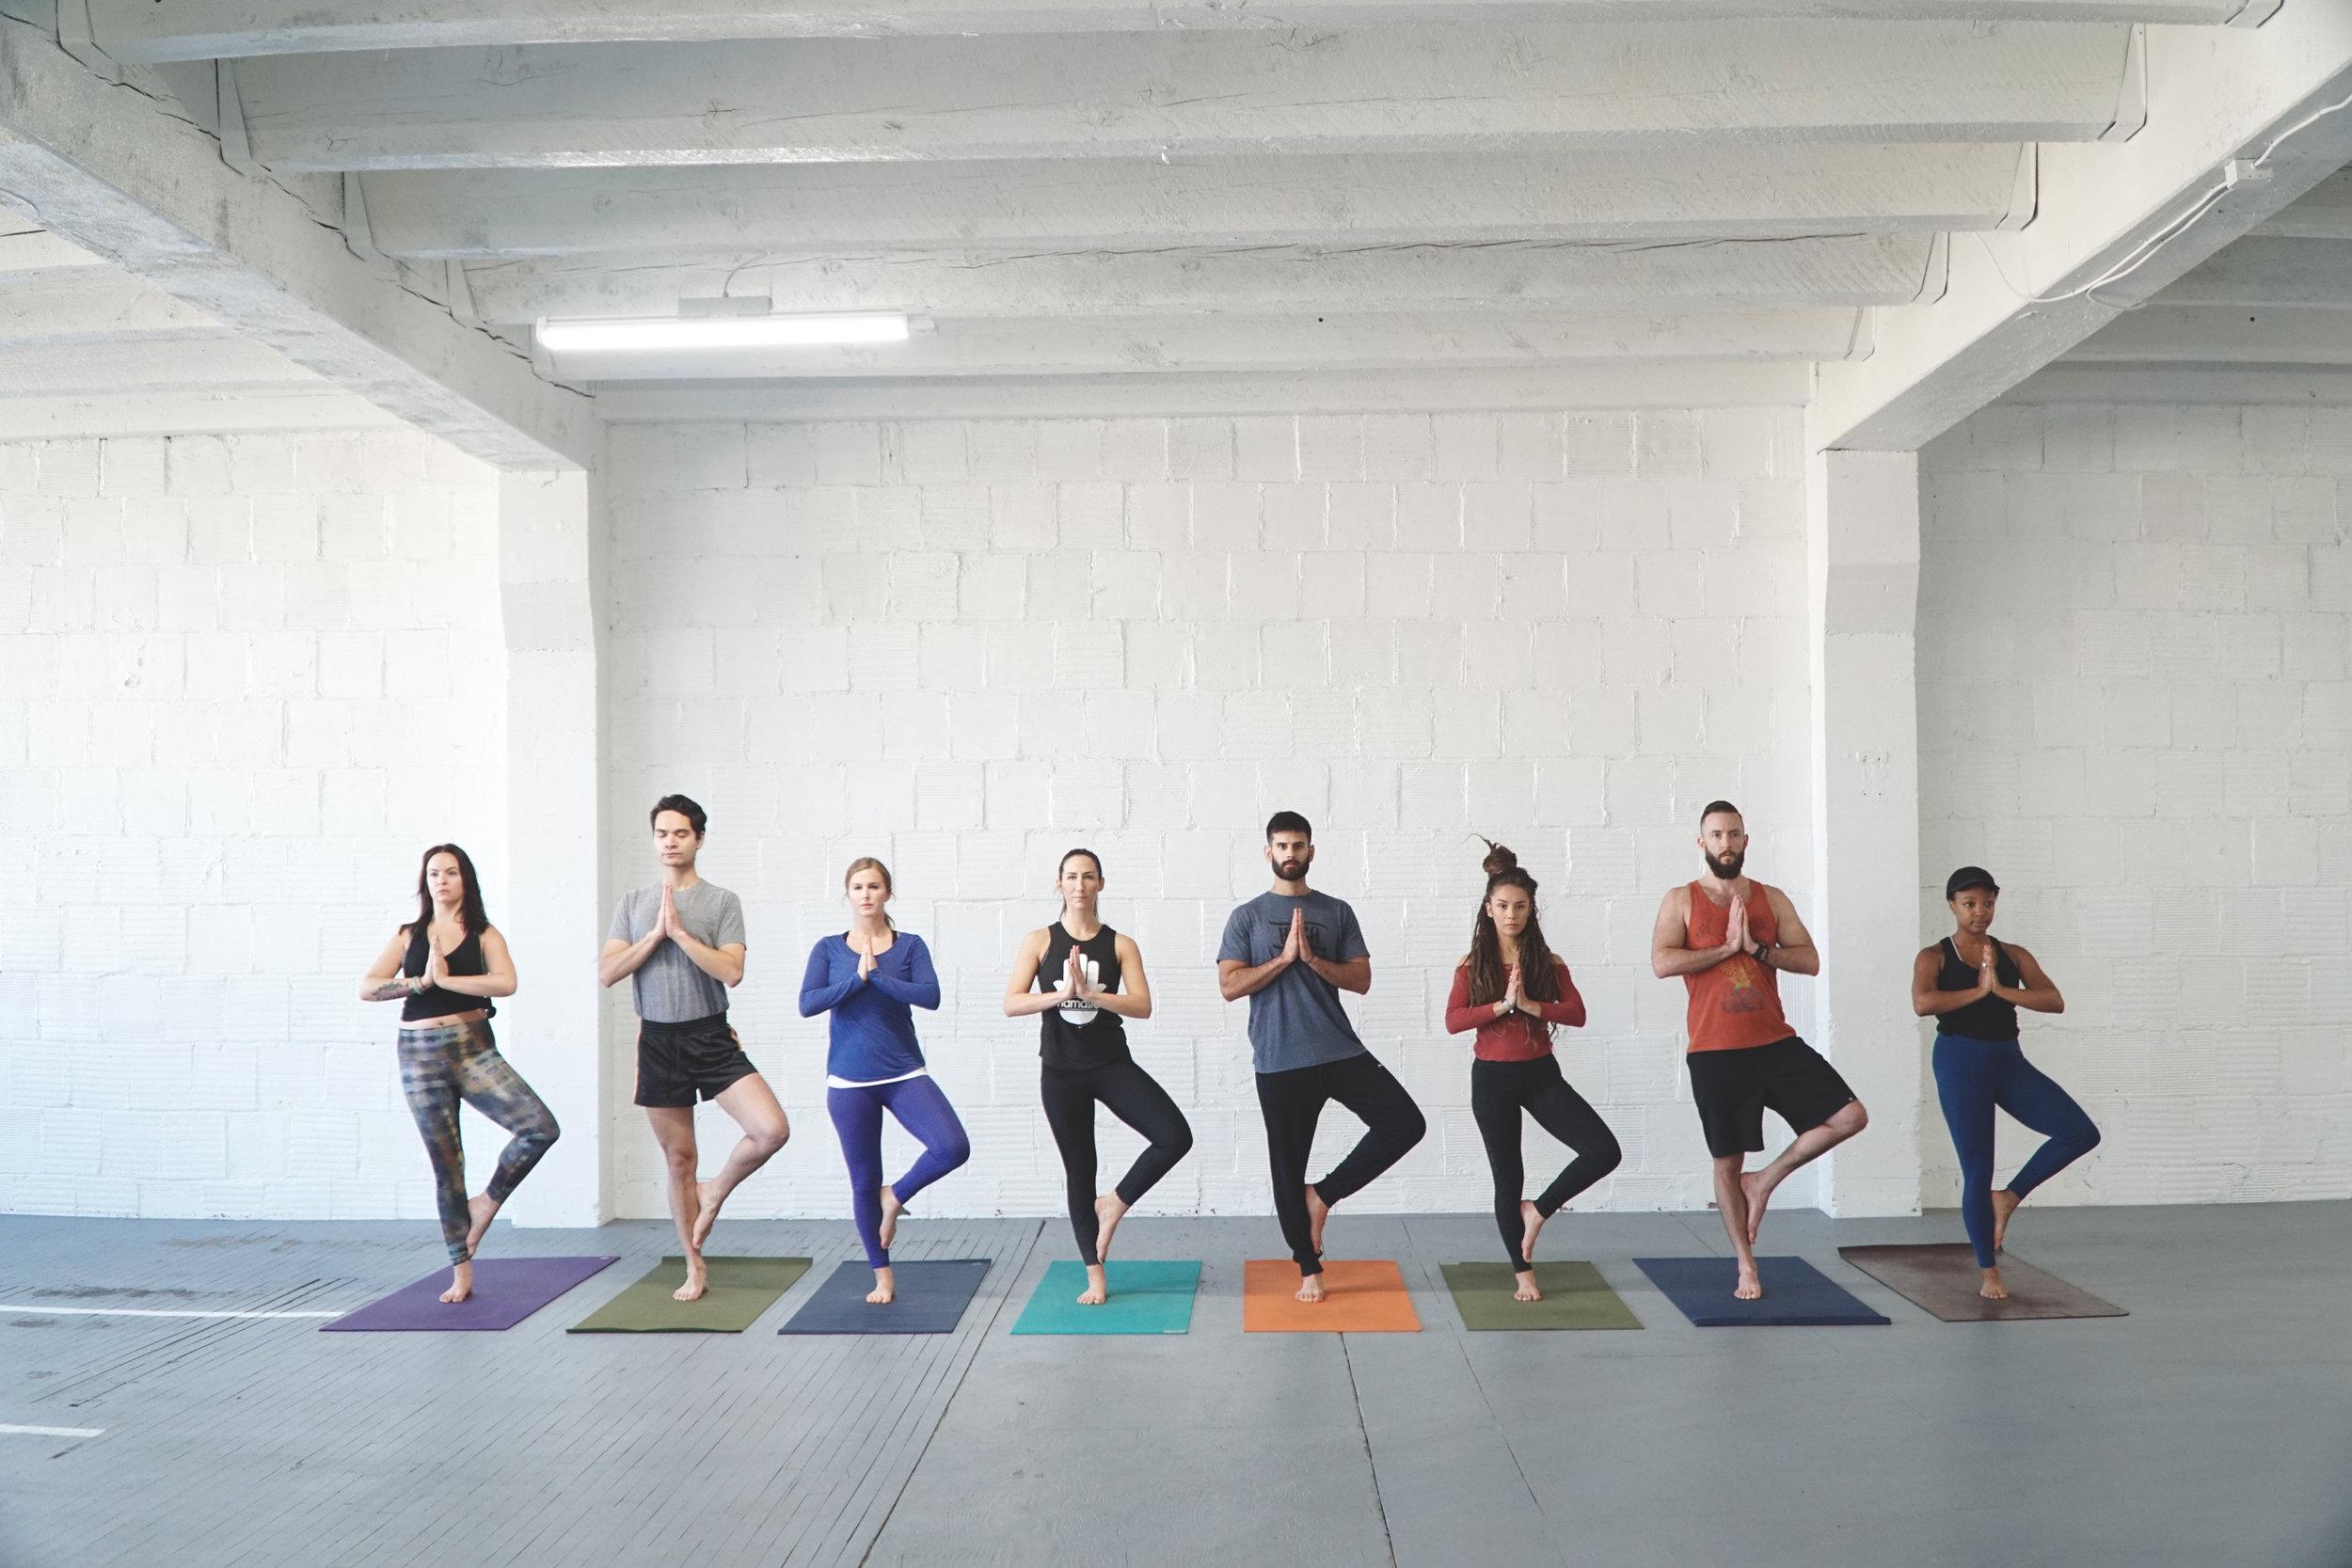 Mobile On Demand Yoga Instructor Tacoma Washington